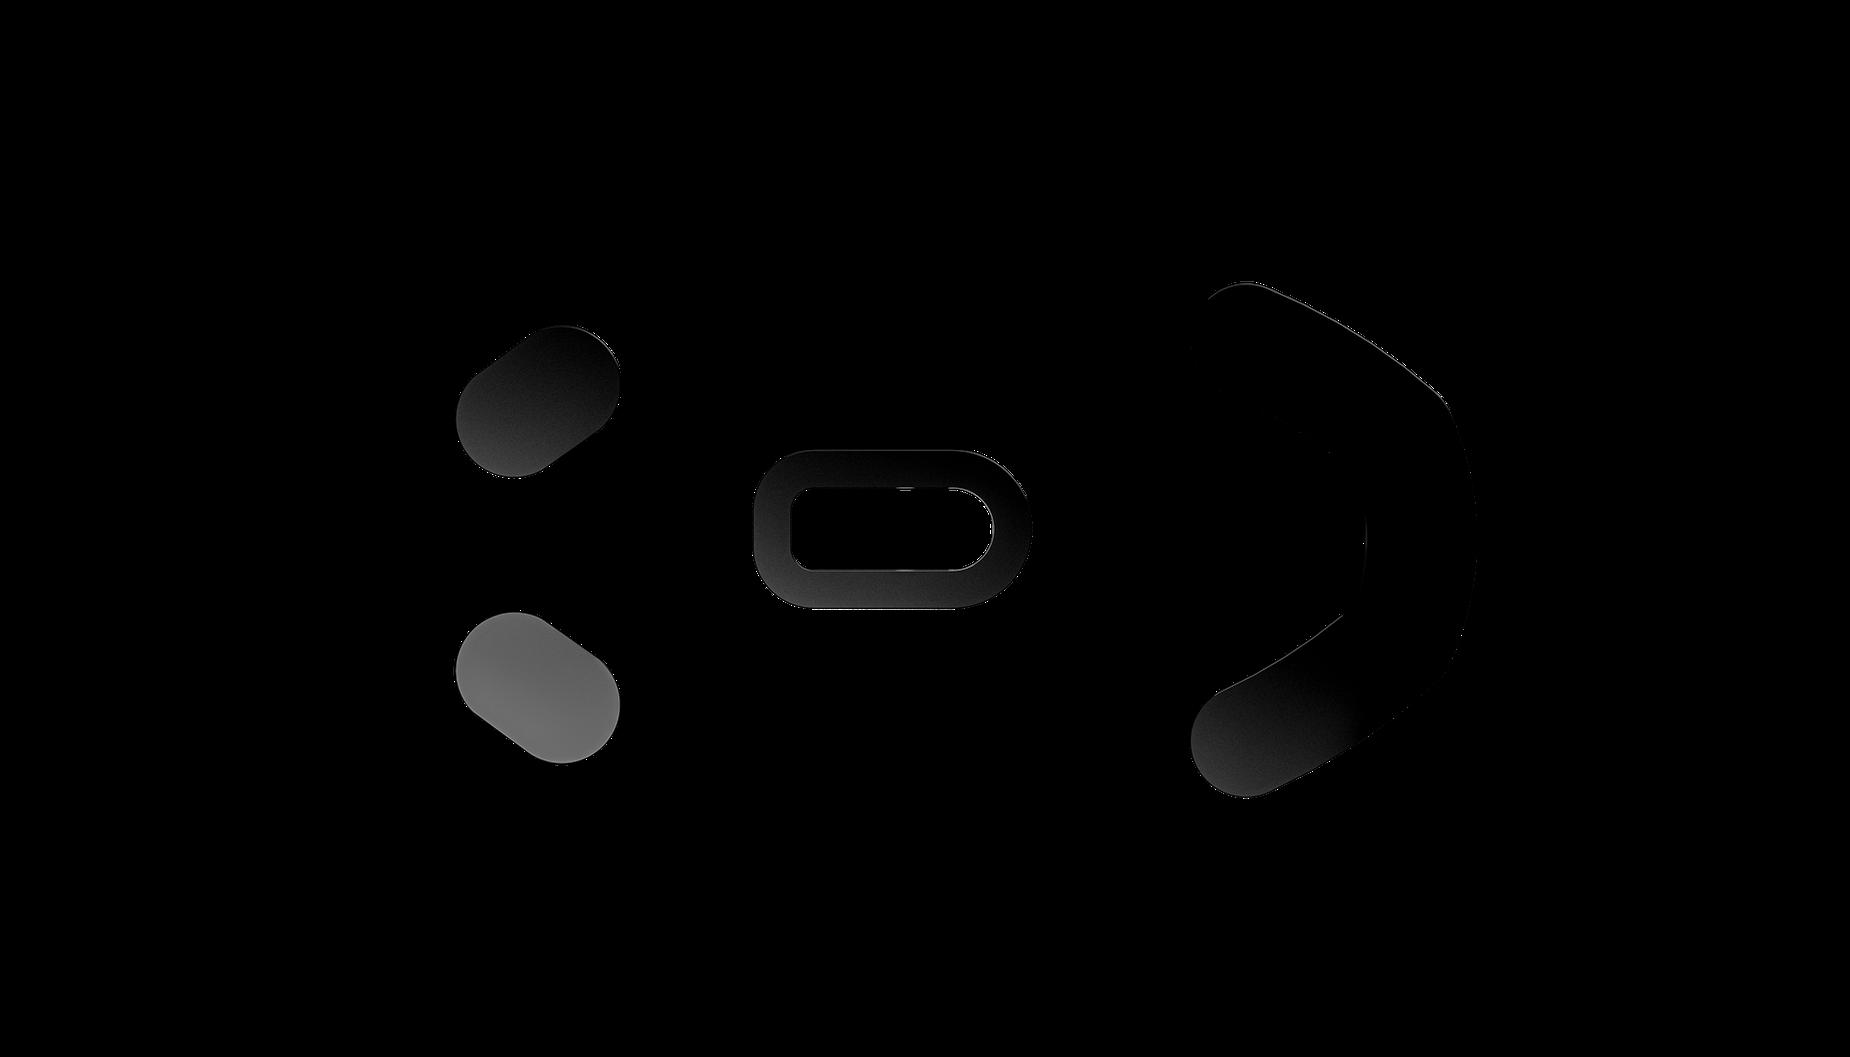 Prime+ゲーミングマウスのマウスグライドの俯瞰図。